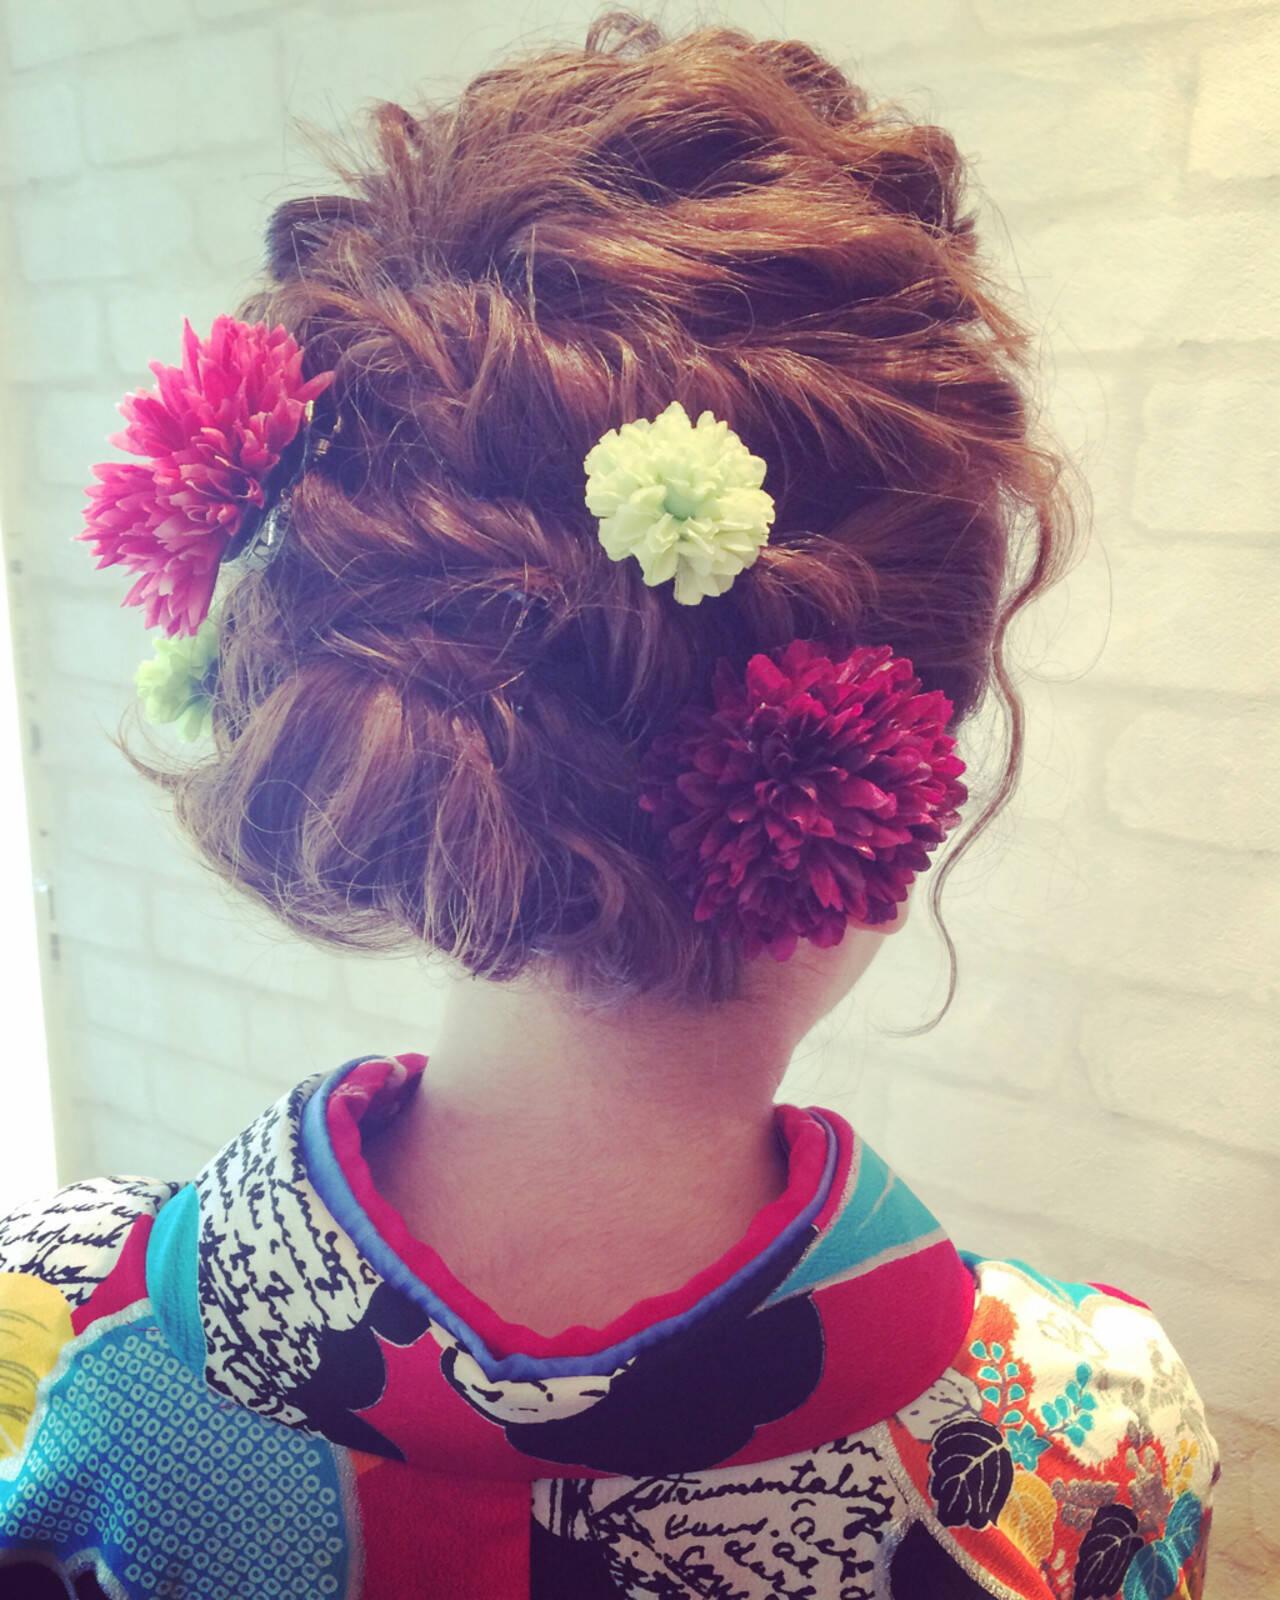 ボブ ヘアアレンジ 外国人風 簡単ヘアアレンジヘアスタイルや髪型の写真・画像